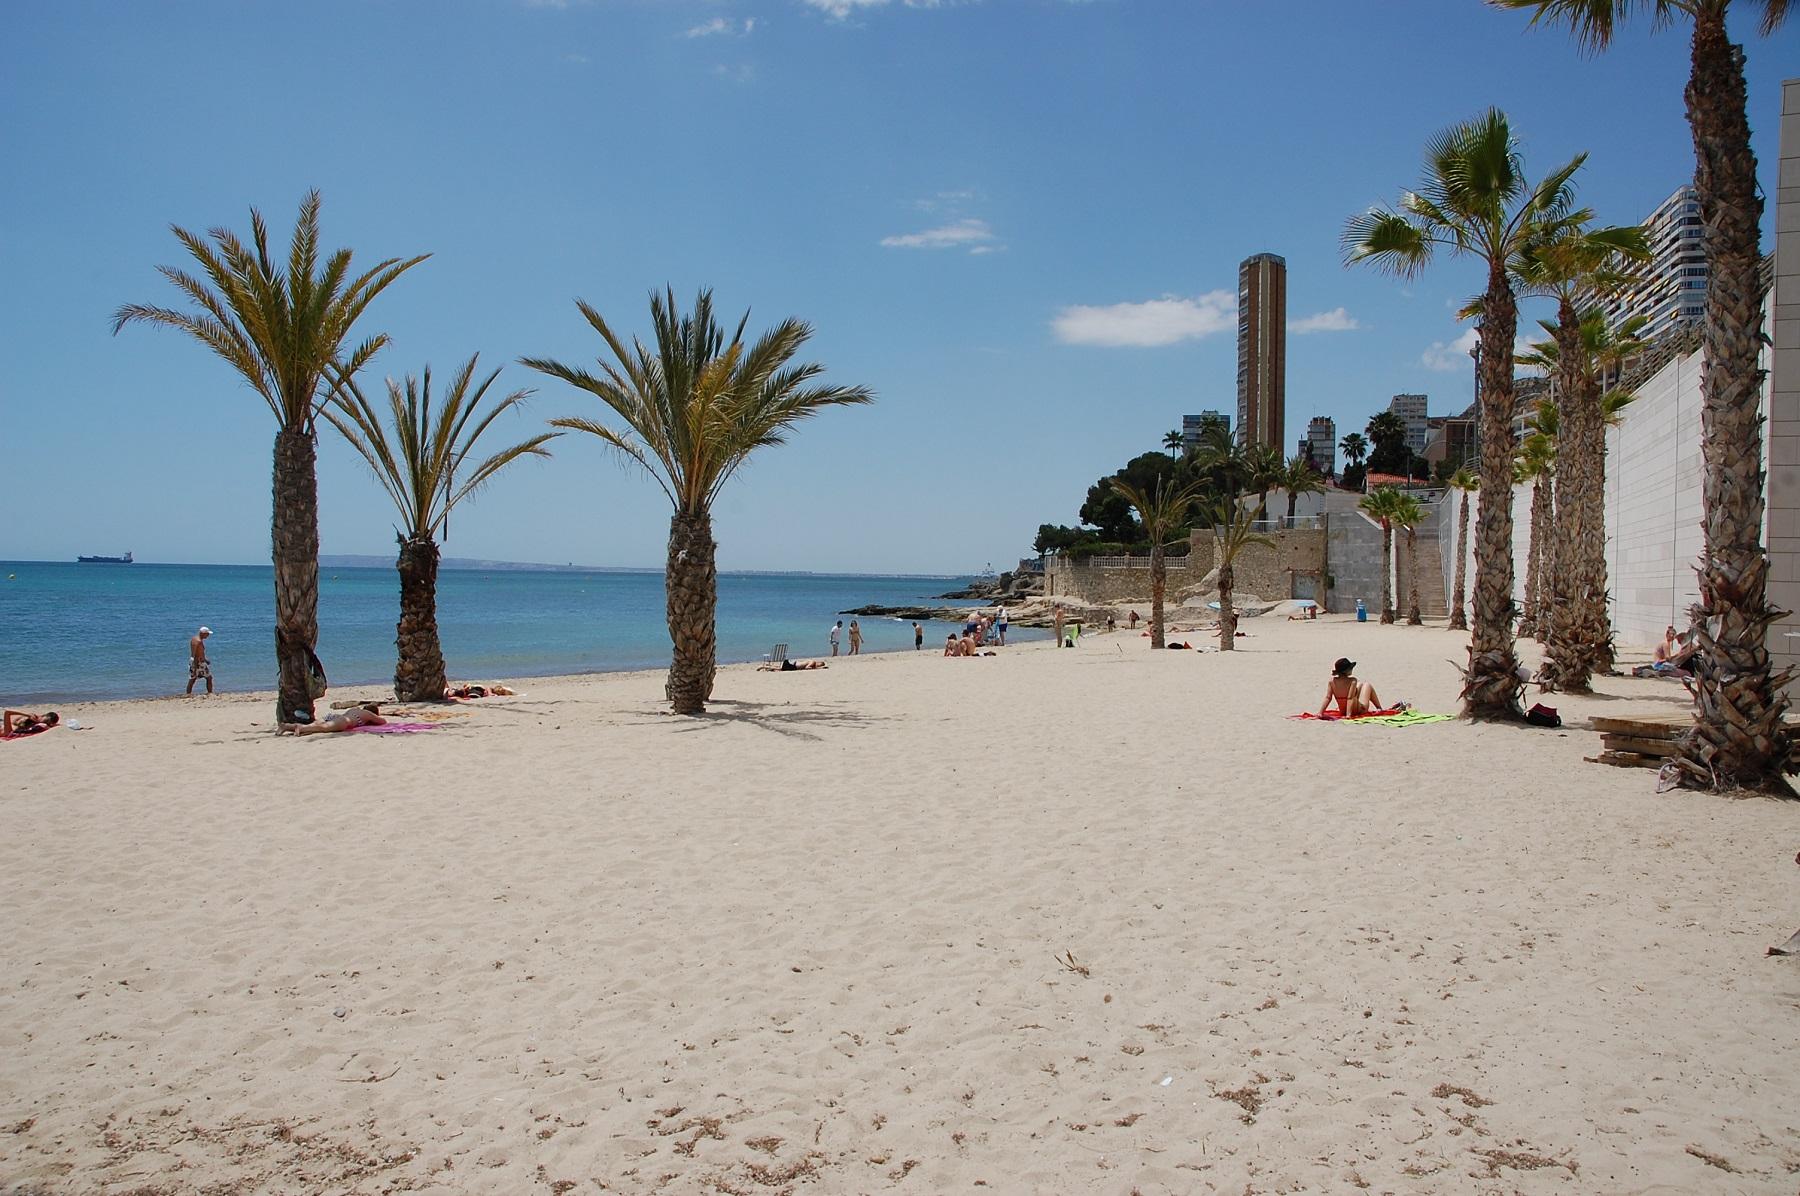 Playa de la Albufereta, Alicante - ALICANTE City & Experience